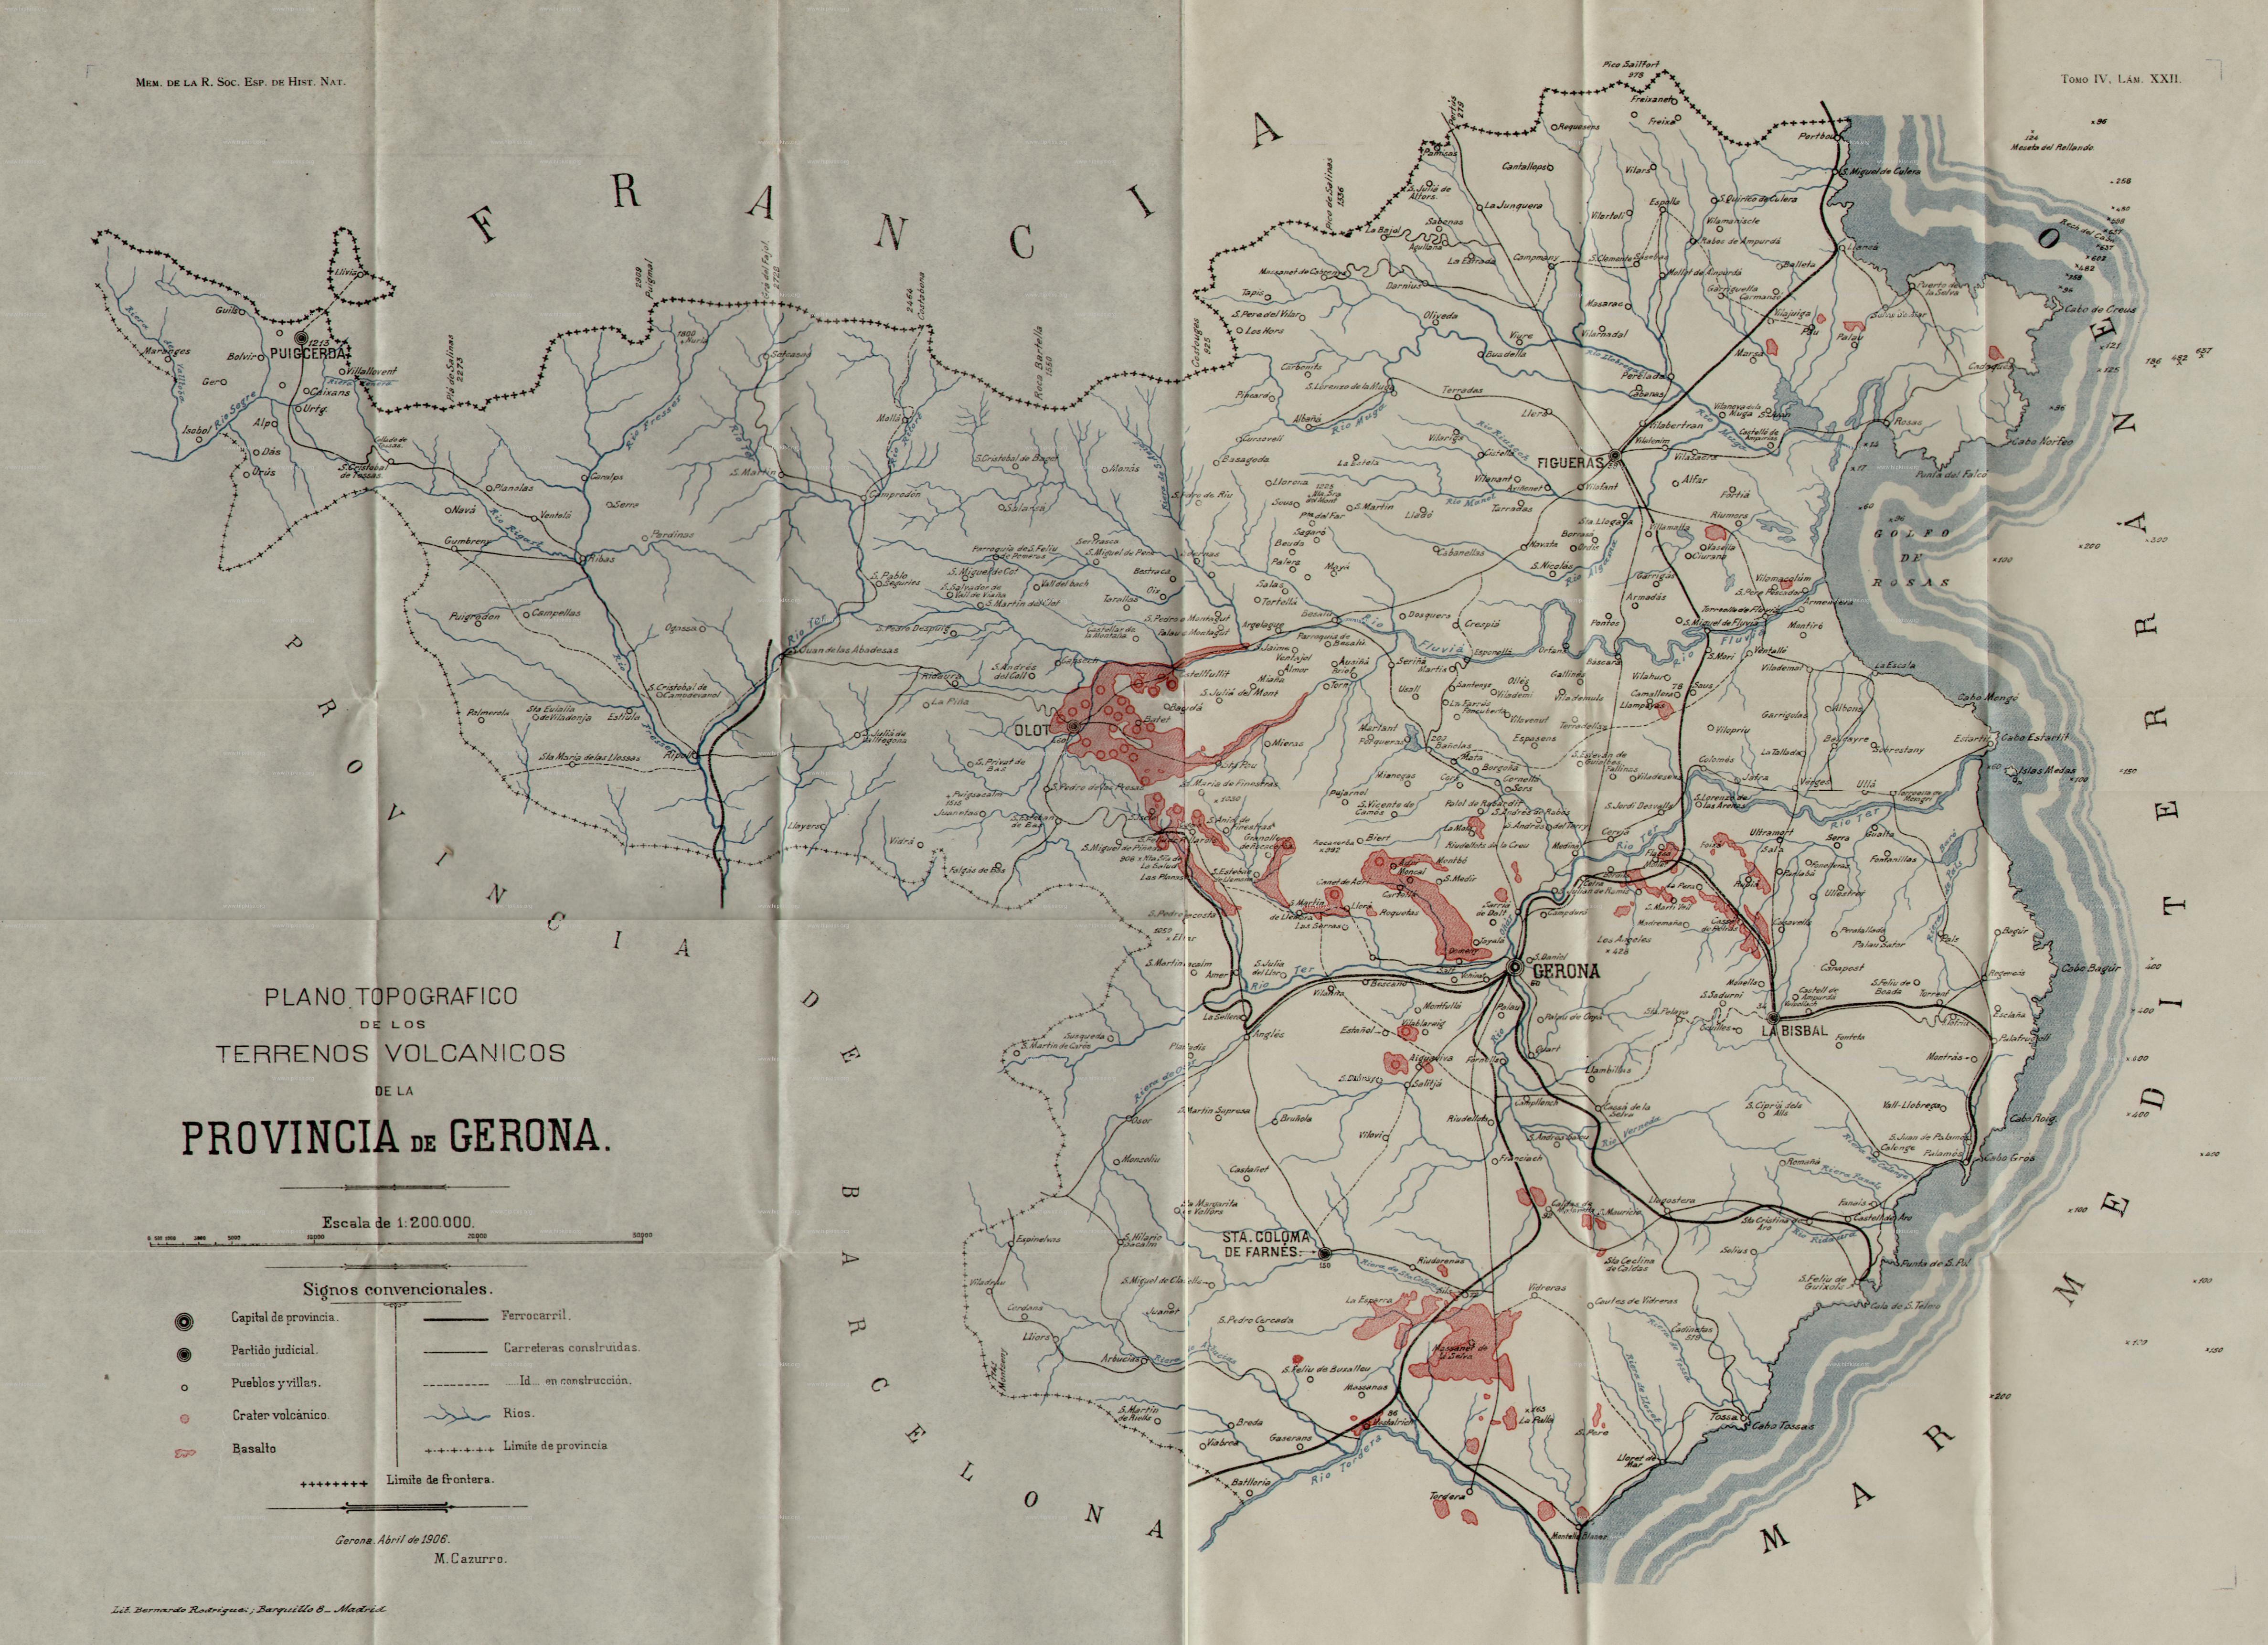 Terrenos volcánicos de la provincia de Gerona